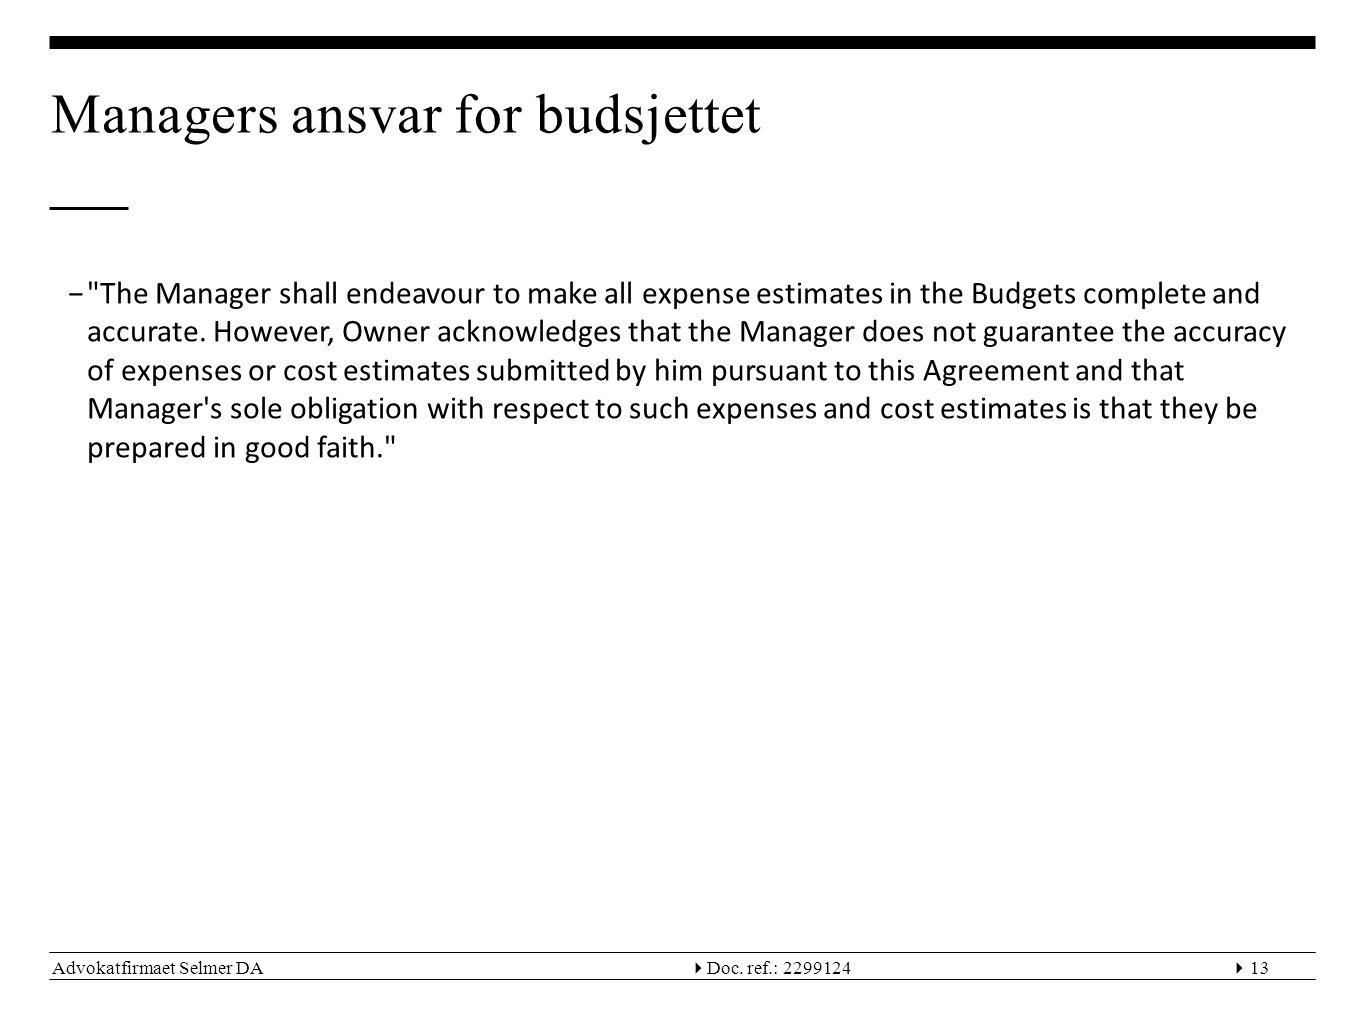 Advokatfirmaet Selmer DA  Doc. ref.: 229912413 Managers ansvar for budsjettet −